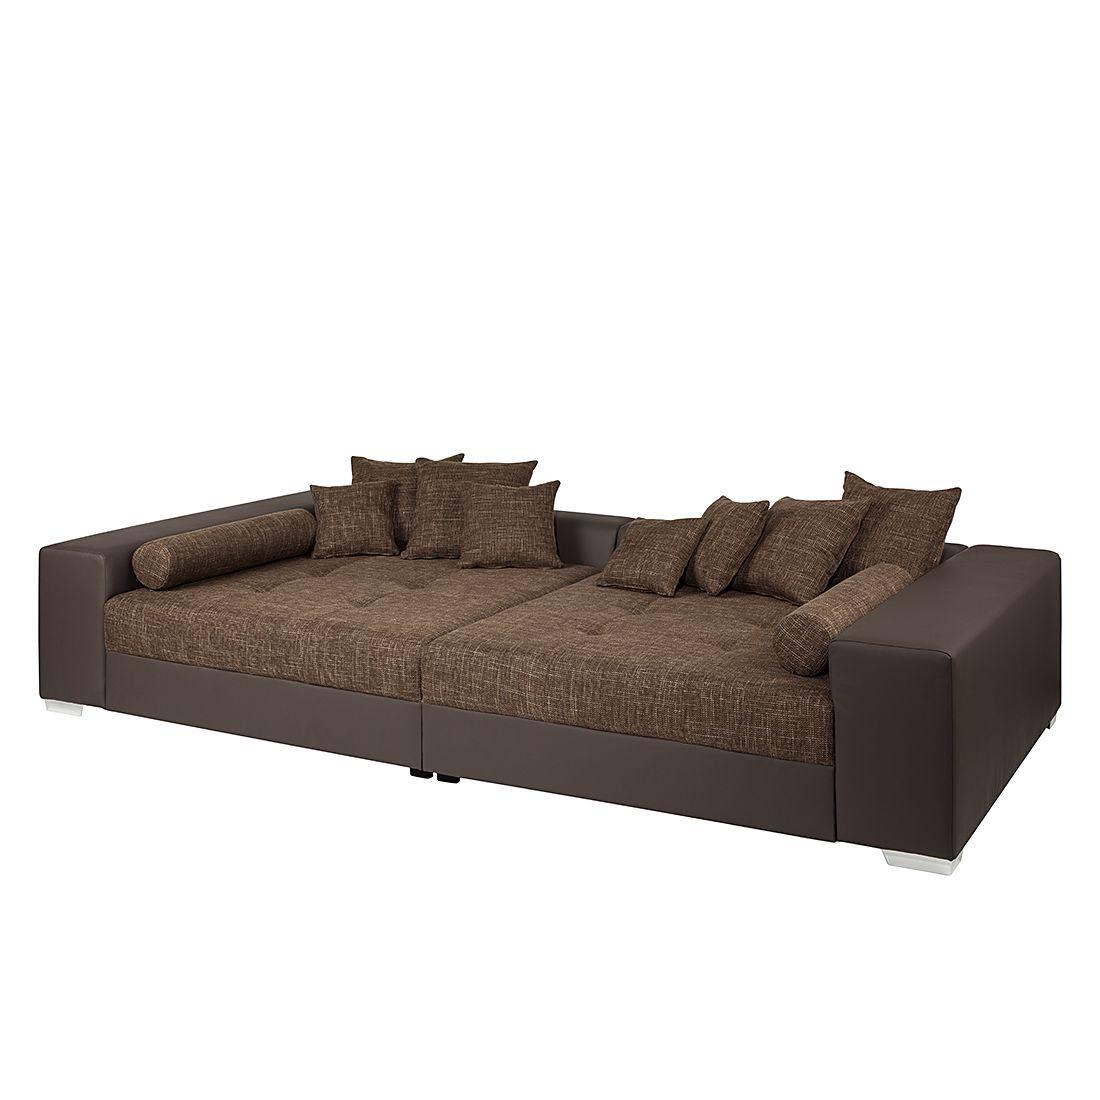 Full Size of Big Sofa Günstig Bigsofa Lorenz Kunstleder Stoff Braun Home24 überwurf Bezug Ecksofa Esstisch Mit 4 Stühlen 3 Sitzer Grau Küche Elektrogeräten Sofa Big Sofa Günstig